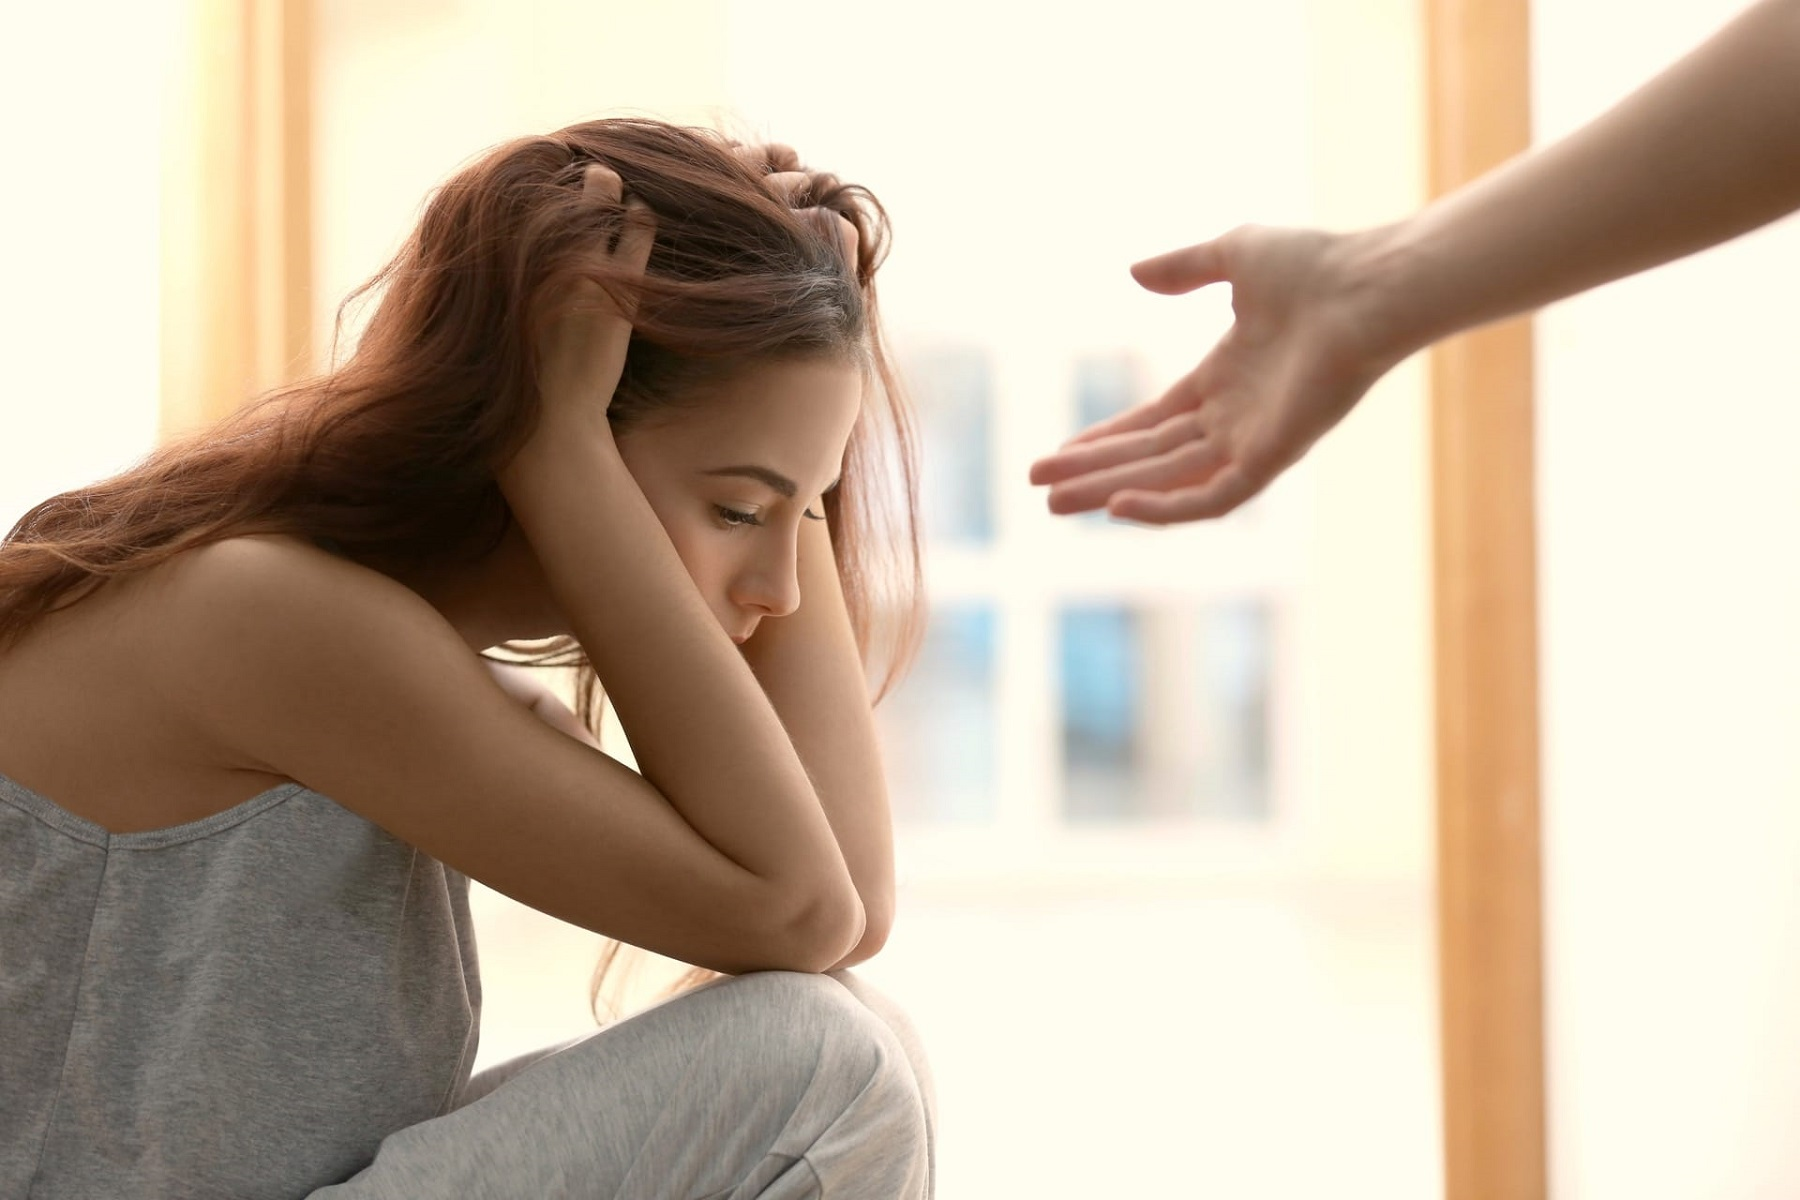 Αισιοδοξία Ανθεκτικότητα: Πώς να βελτιώσετε την ψυχική σας ευεξία κατά τη διάρκεια της COVID-19